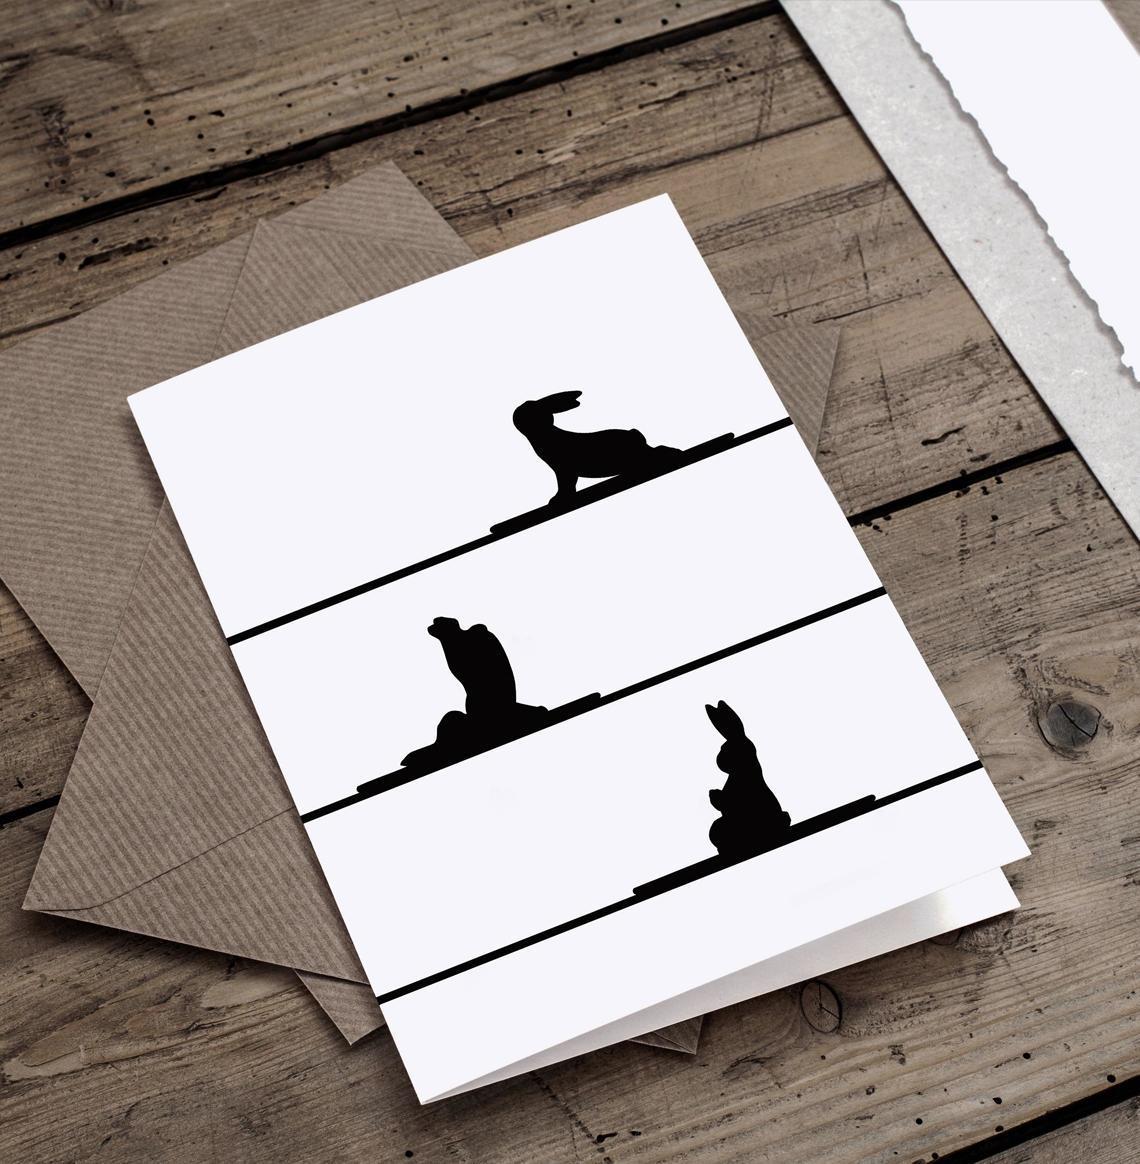 HAM Papírové přání s králíky Yoga Rabbit, černá barva, papír